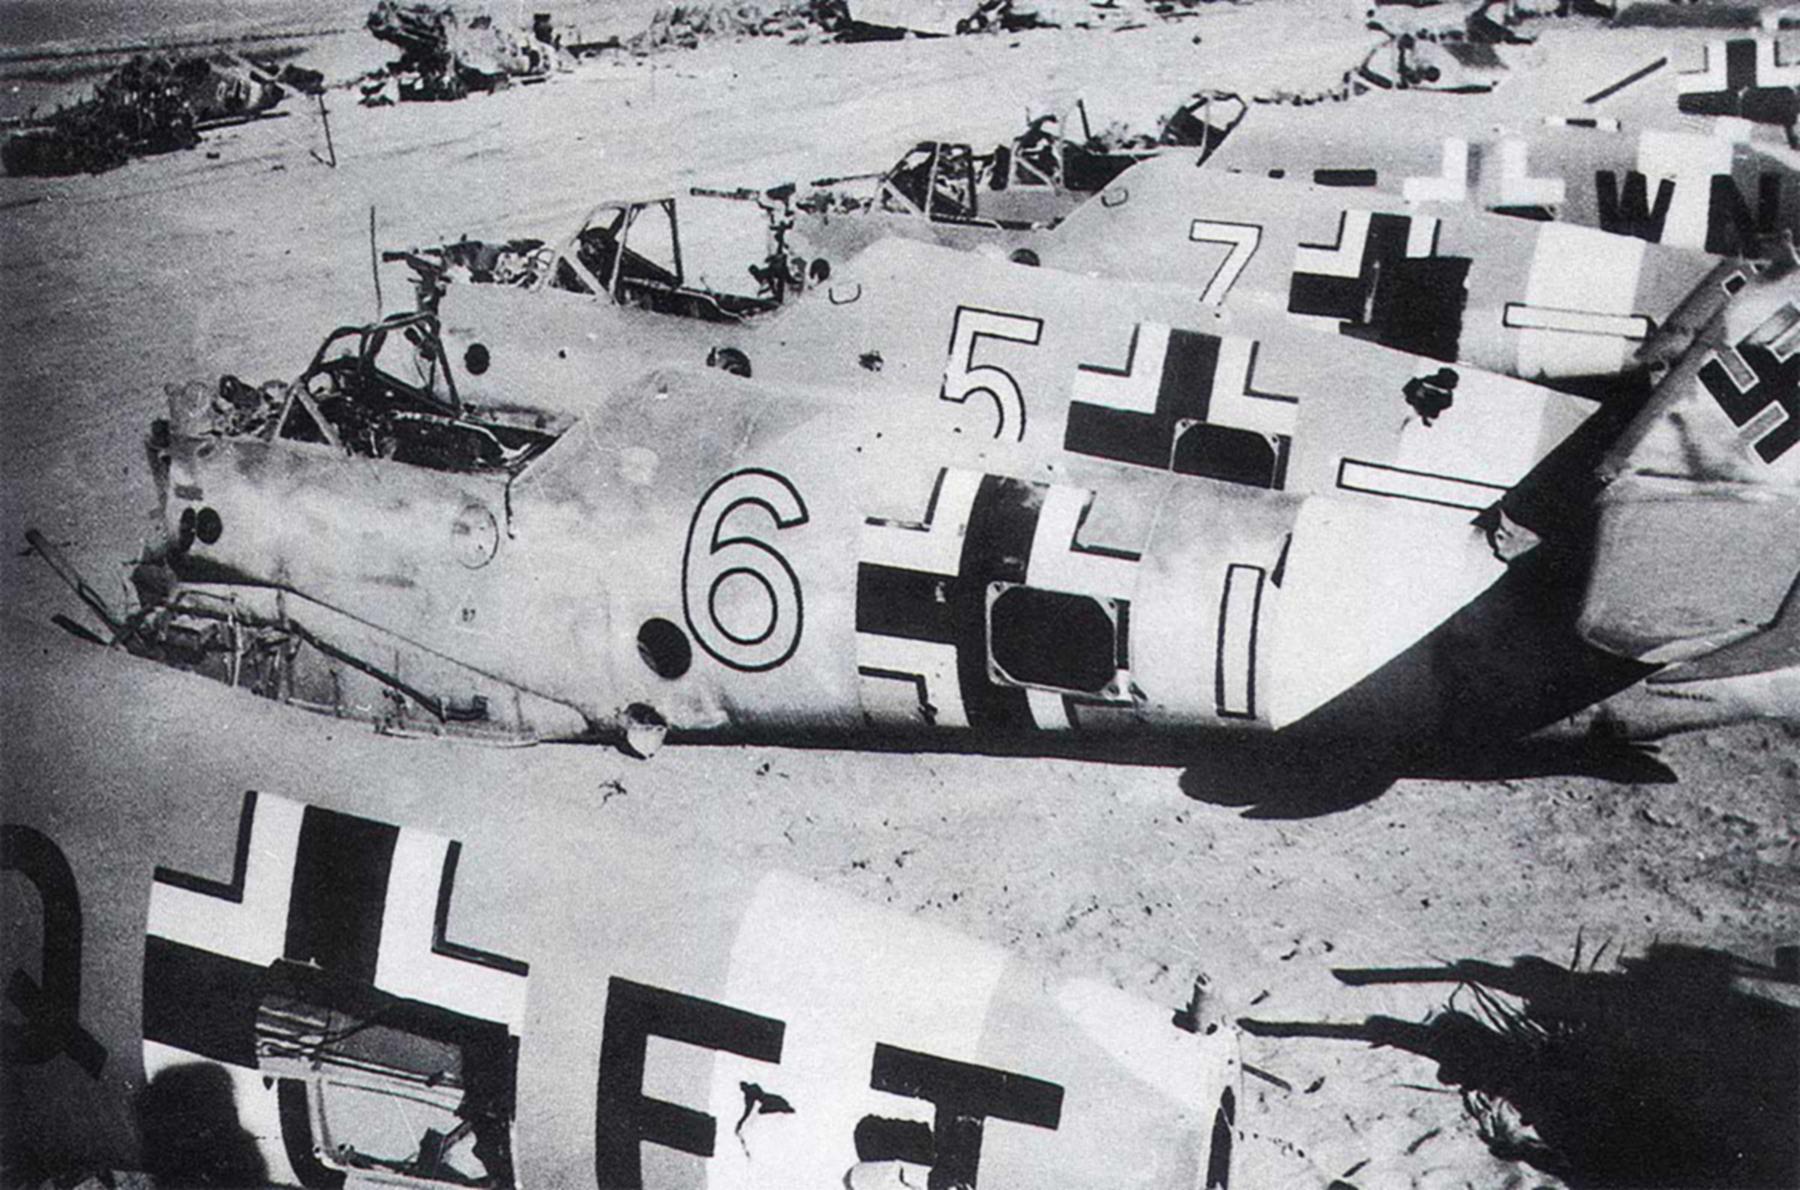 Messerschmitt Bf 109F4Trop abandoned airframes mostly from JG27 Gambut Libya 1942 02